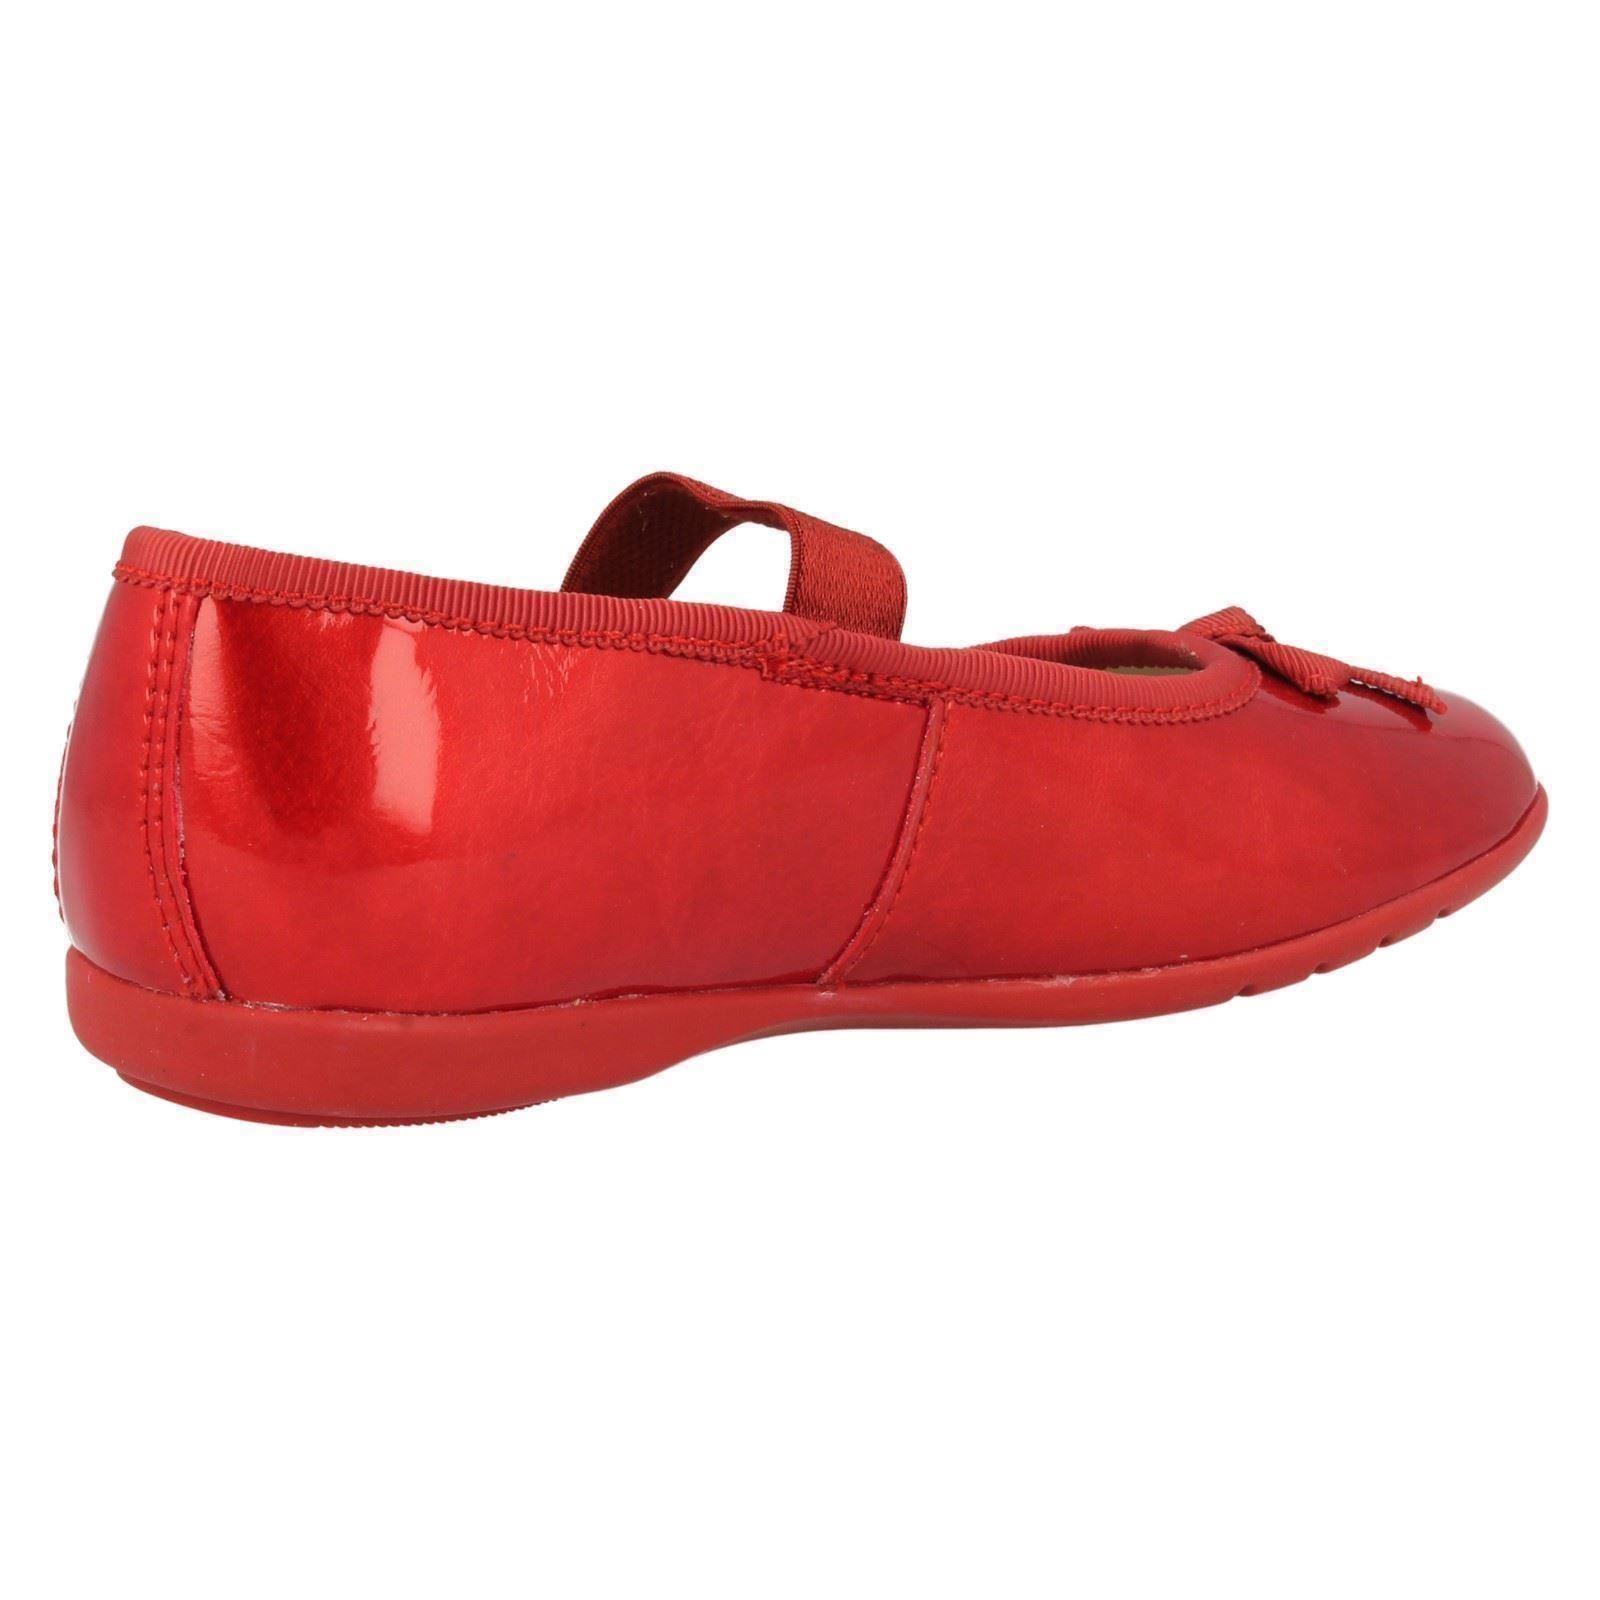 Chicas Clarks Zapatos ropa de ocasión brillo de la danza